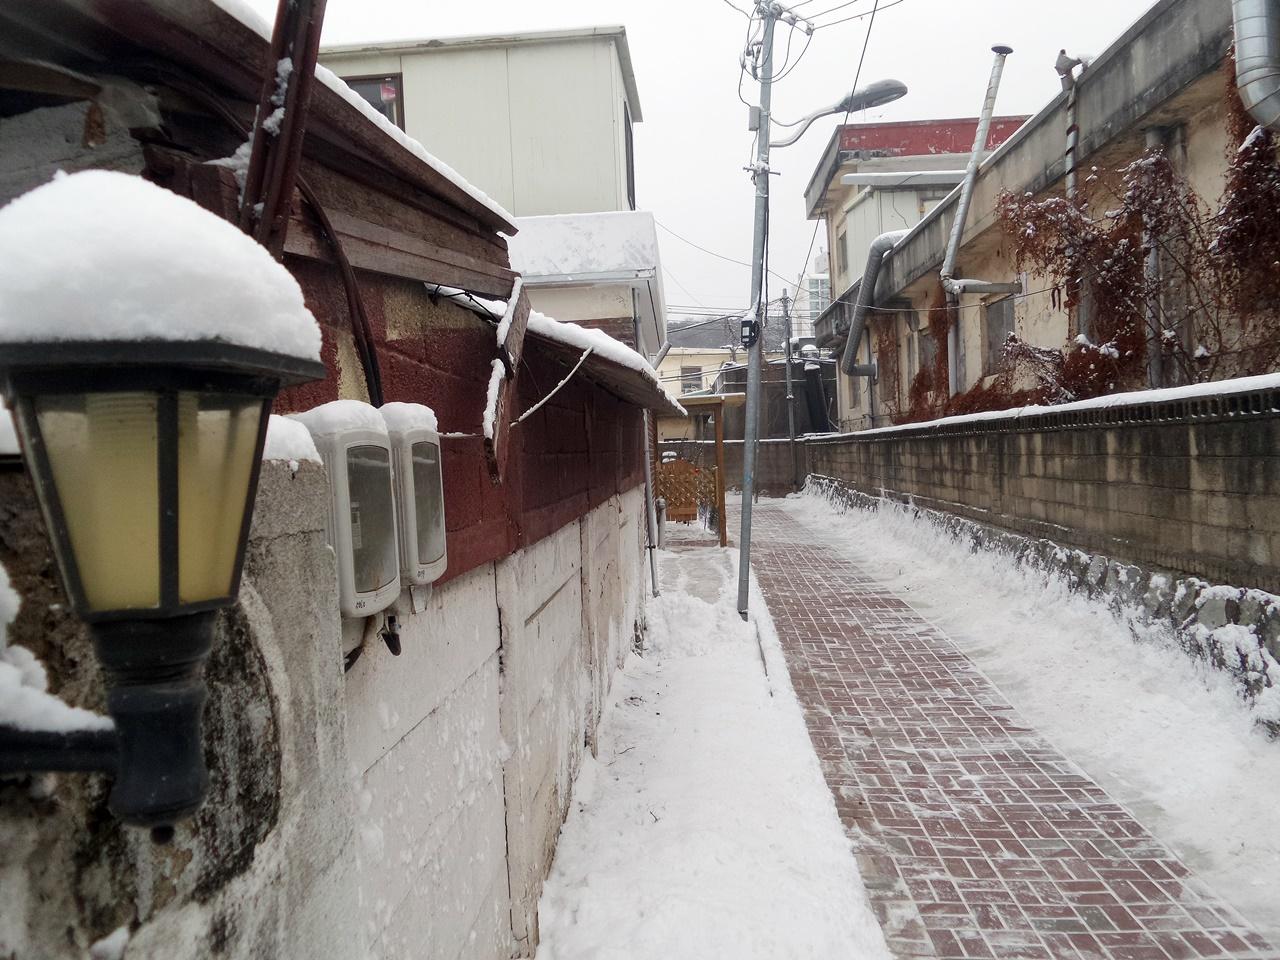 이웃들과 함께 치워낸 골목길. 눈 오는 날의 아침풍경이다.